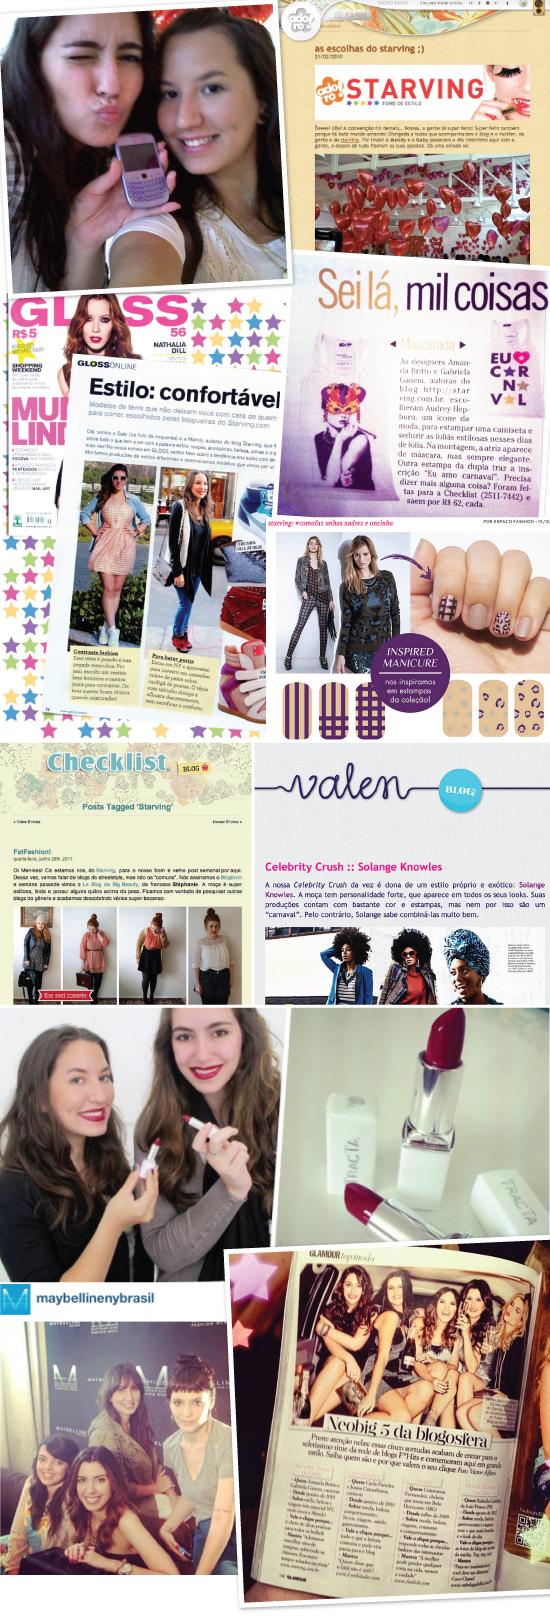 aniversario-starving-blog-blogueiras-mandy-gabi-farm-checklist-tracta-batom-momentos-4-anos-valen-espaco-fashion-maybelline-nyfw-fhits-revista-gloss